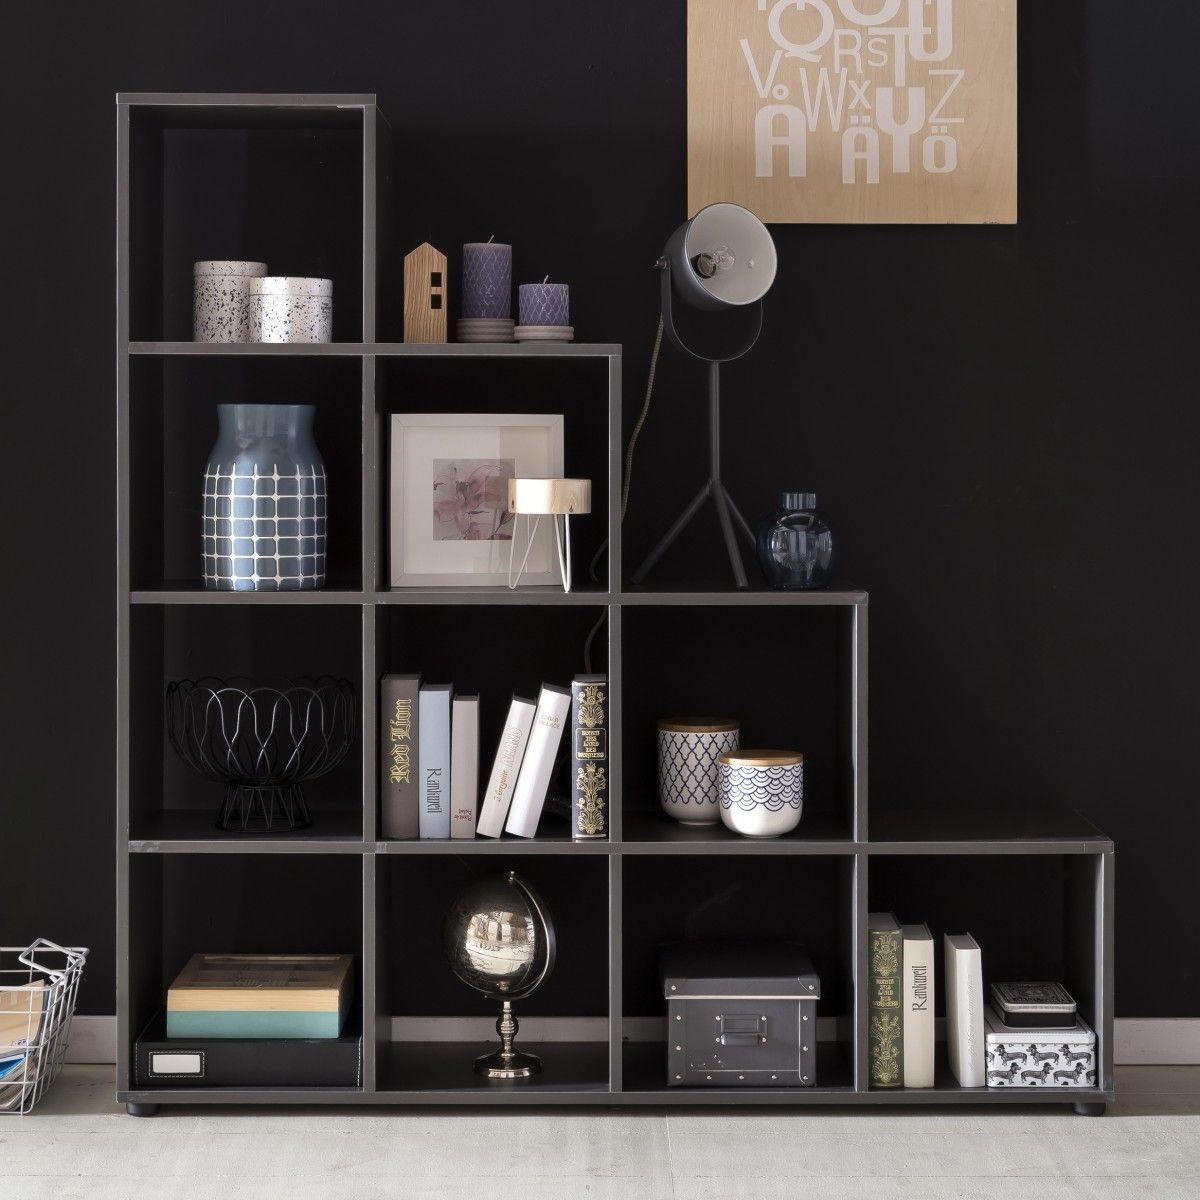 Wohnling Stufenregale WL5.164 Grau #Raumteiler #Einrichtung #Möbel # Wohnzimmer #Schlafzimmer